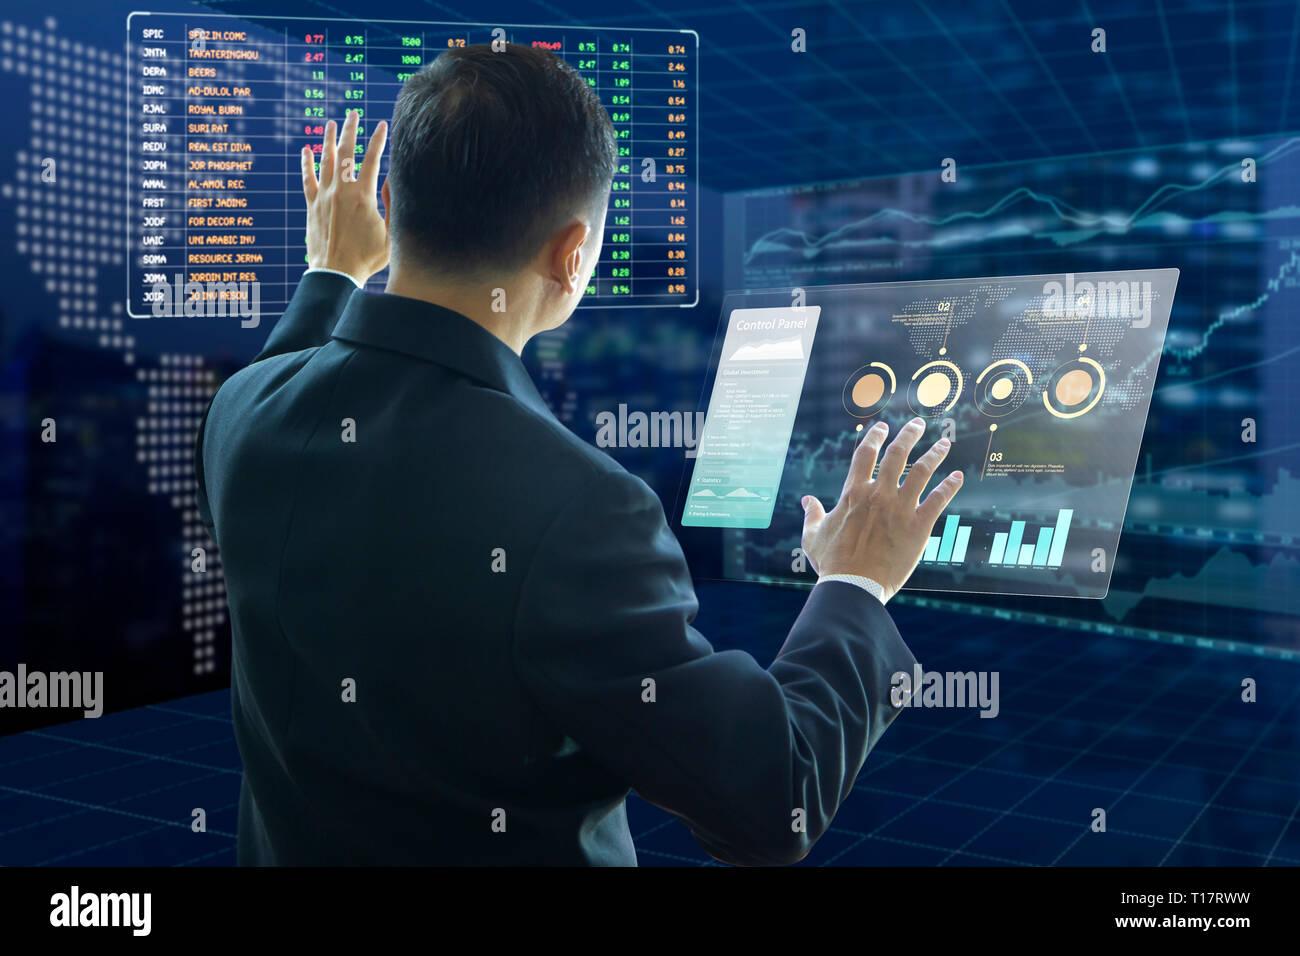 Empresario toca pantallas virtual análisis de gestión sobre el riesgo de la inversión y el retorno de la inversión, ROI, análisis con símbolos de valores ficticios. Foto de stock